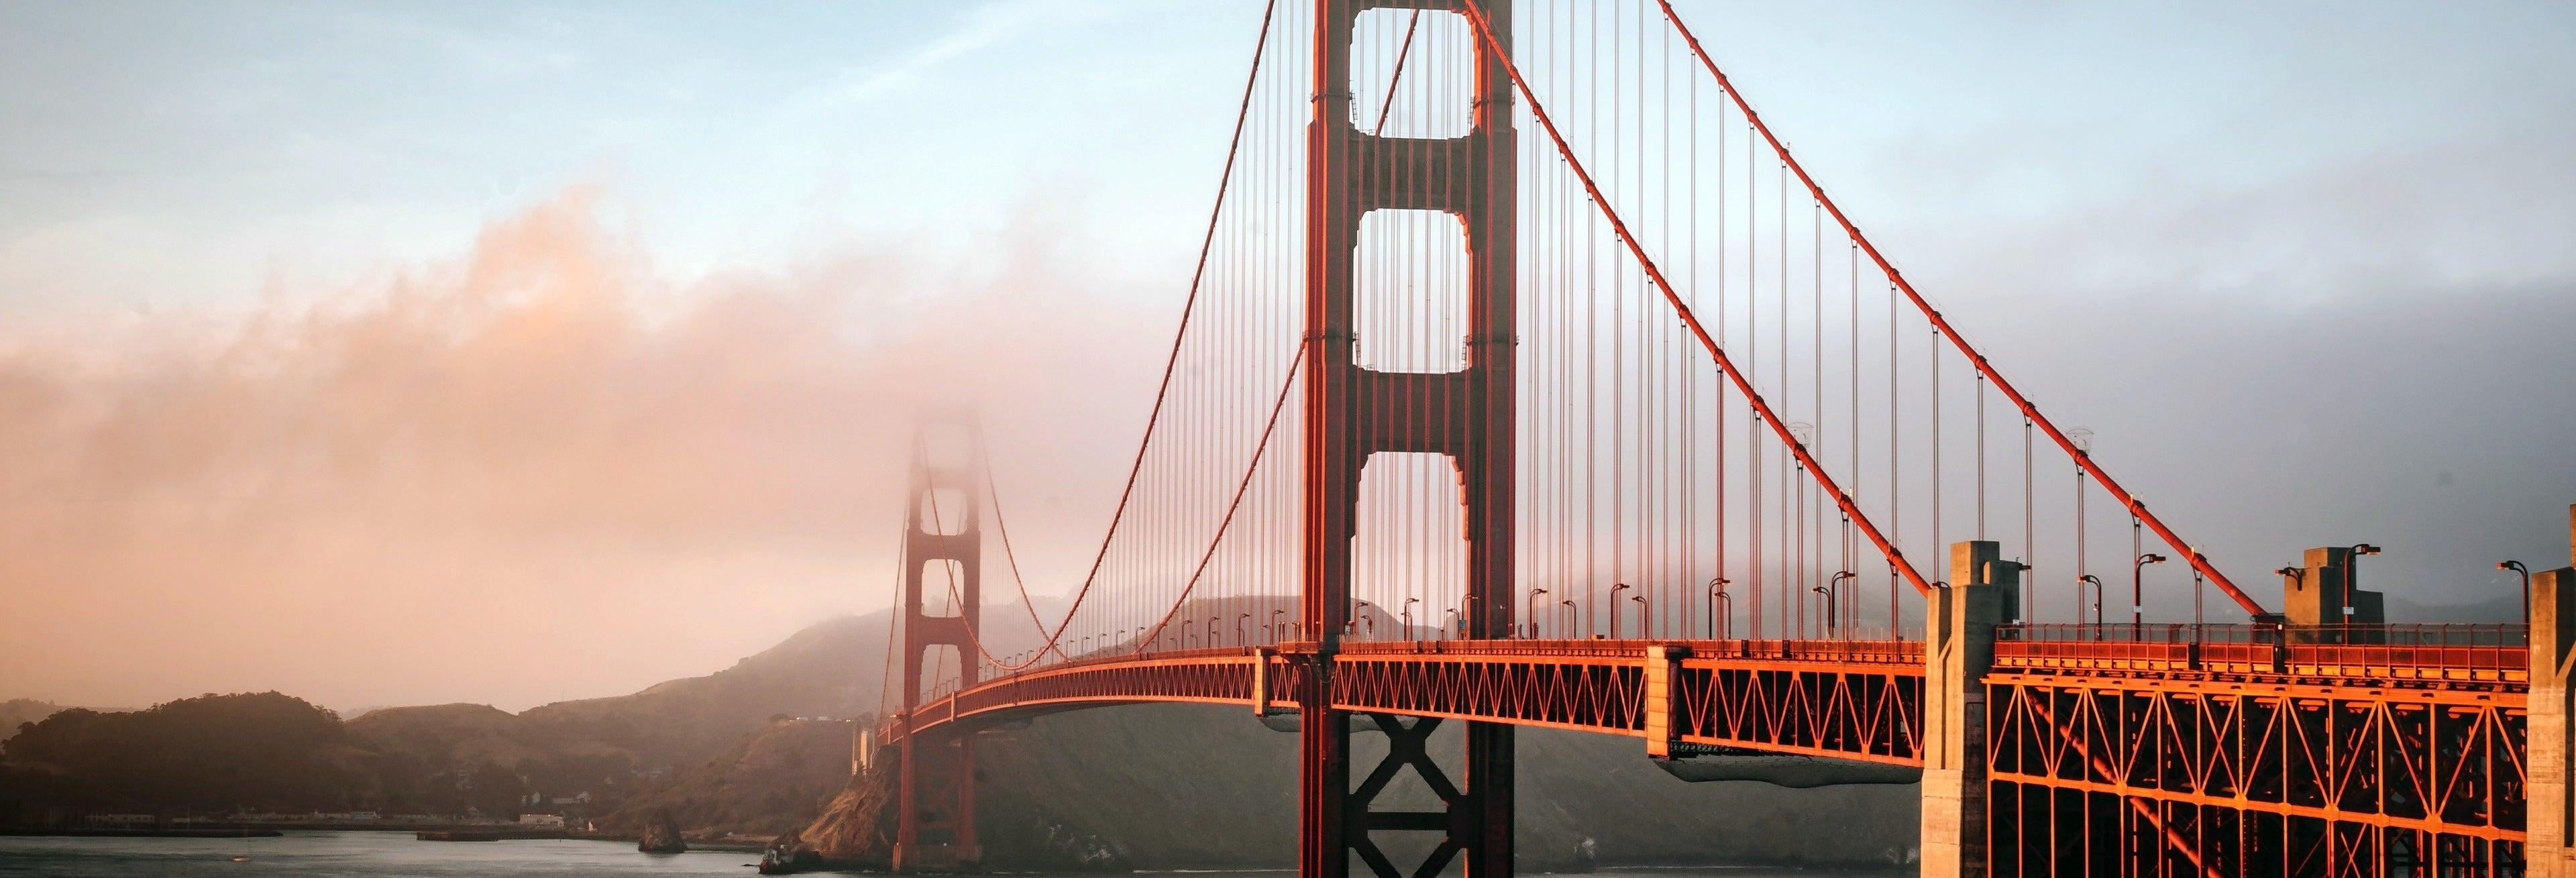 Autobus turistico di San Francisco